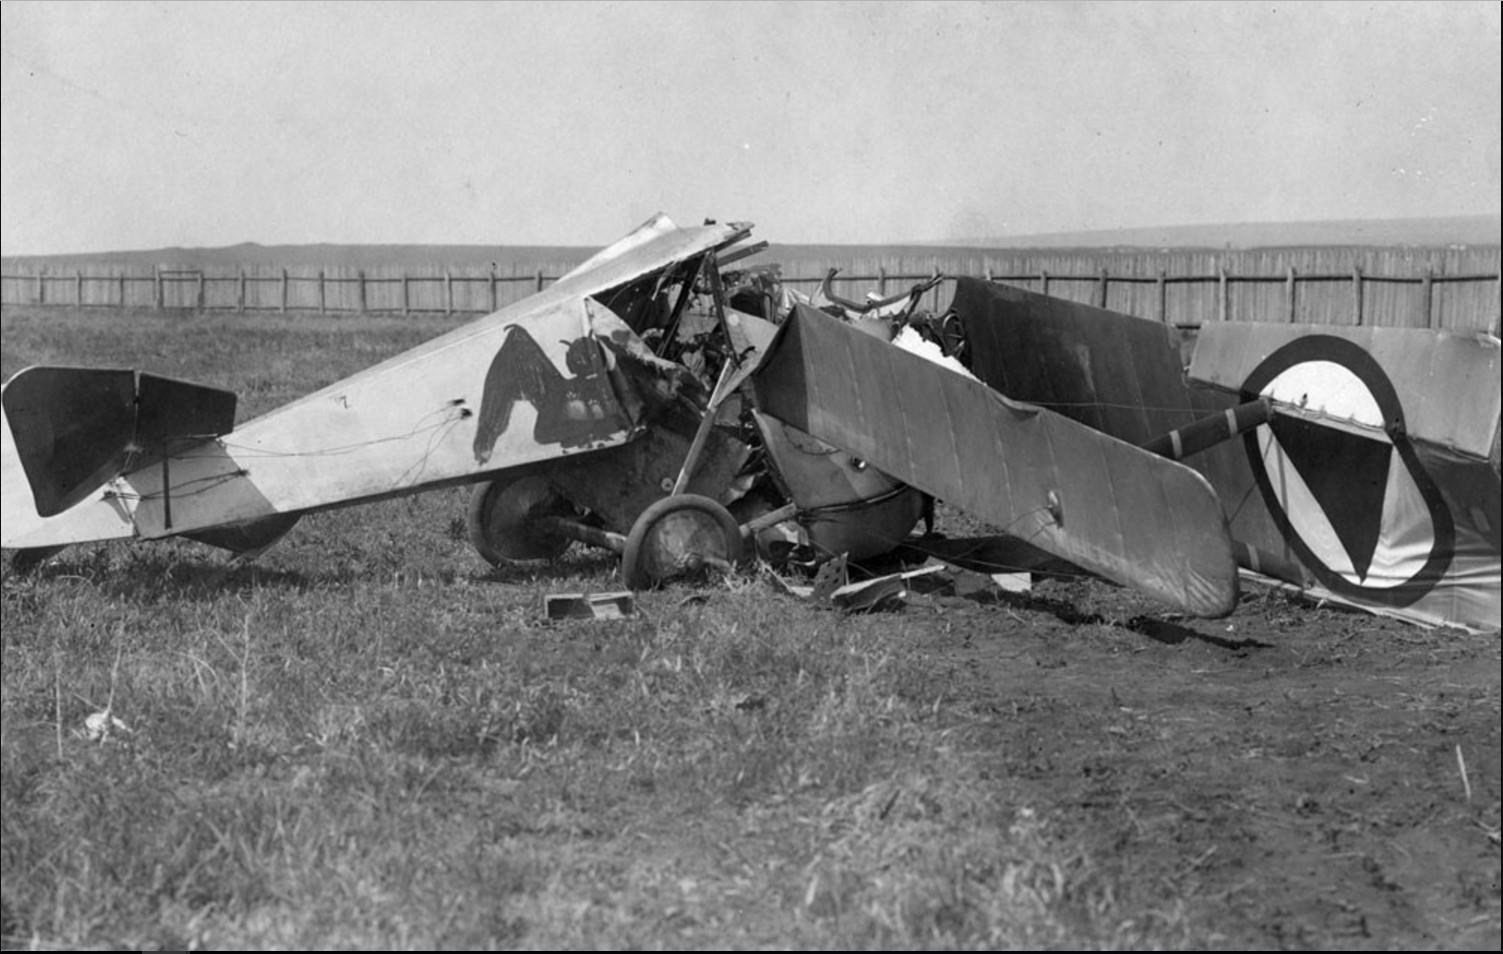 Разбитый во время аварийной посадки «Ньюпор» В. И. Стрижевского. Апрель 1919